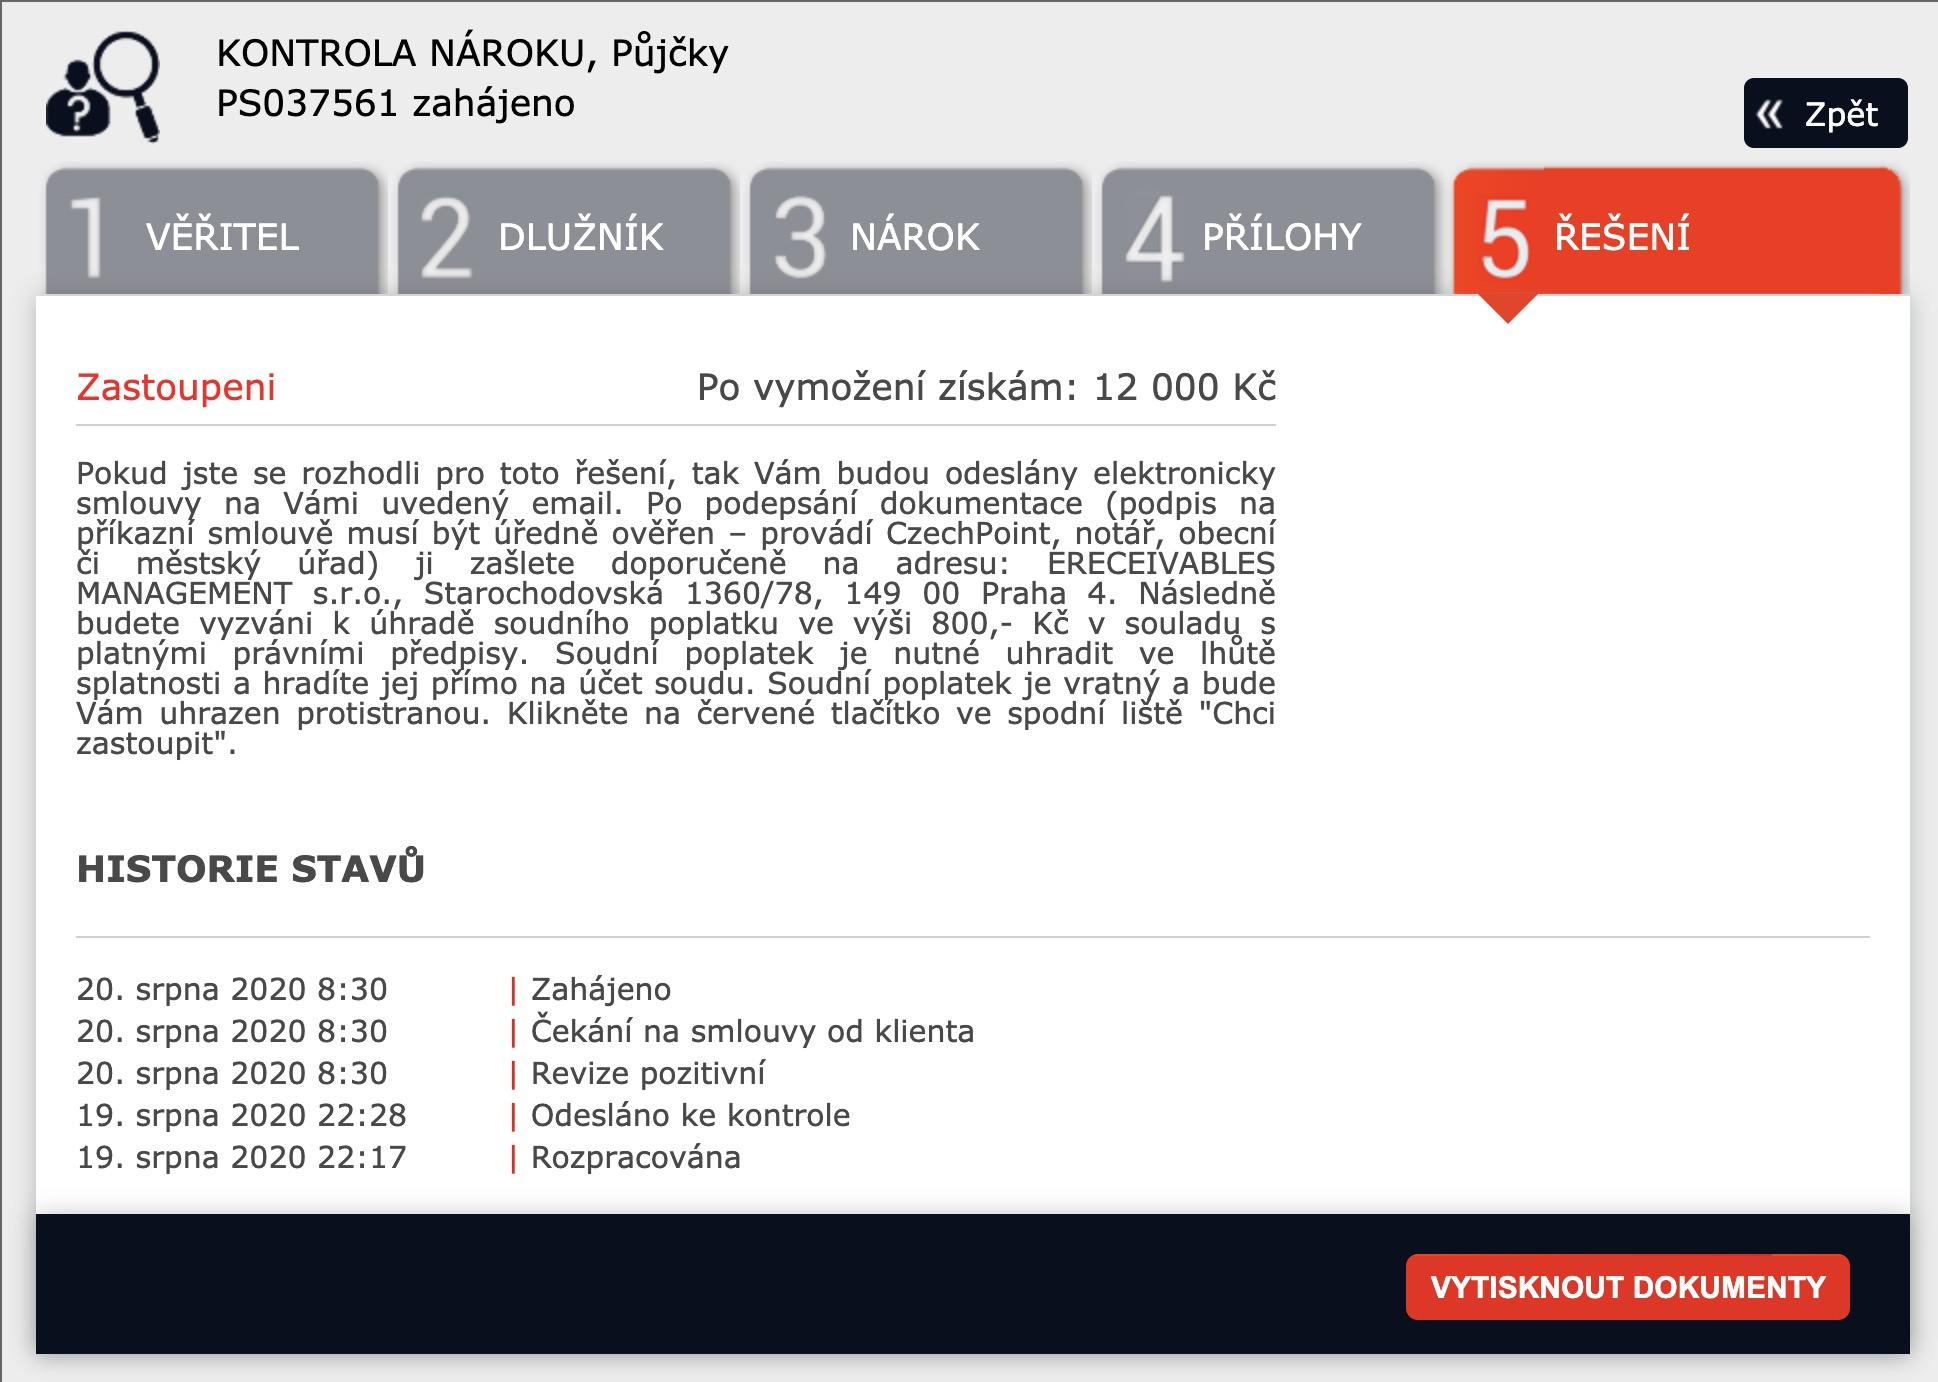 epohledavky.cz - smlouva